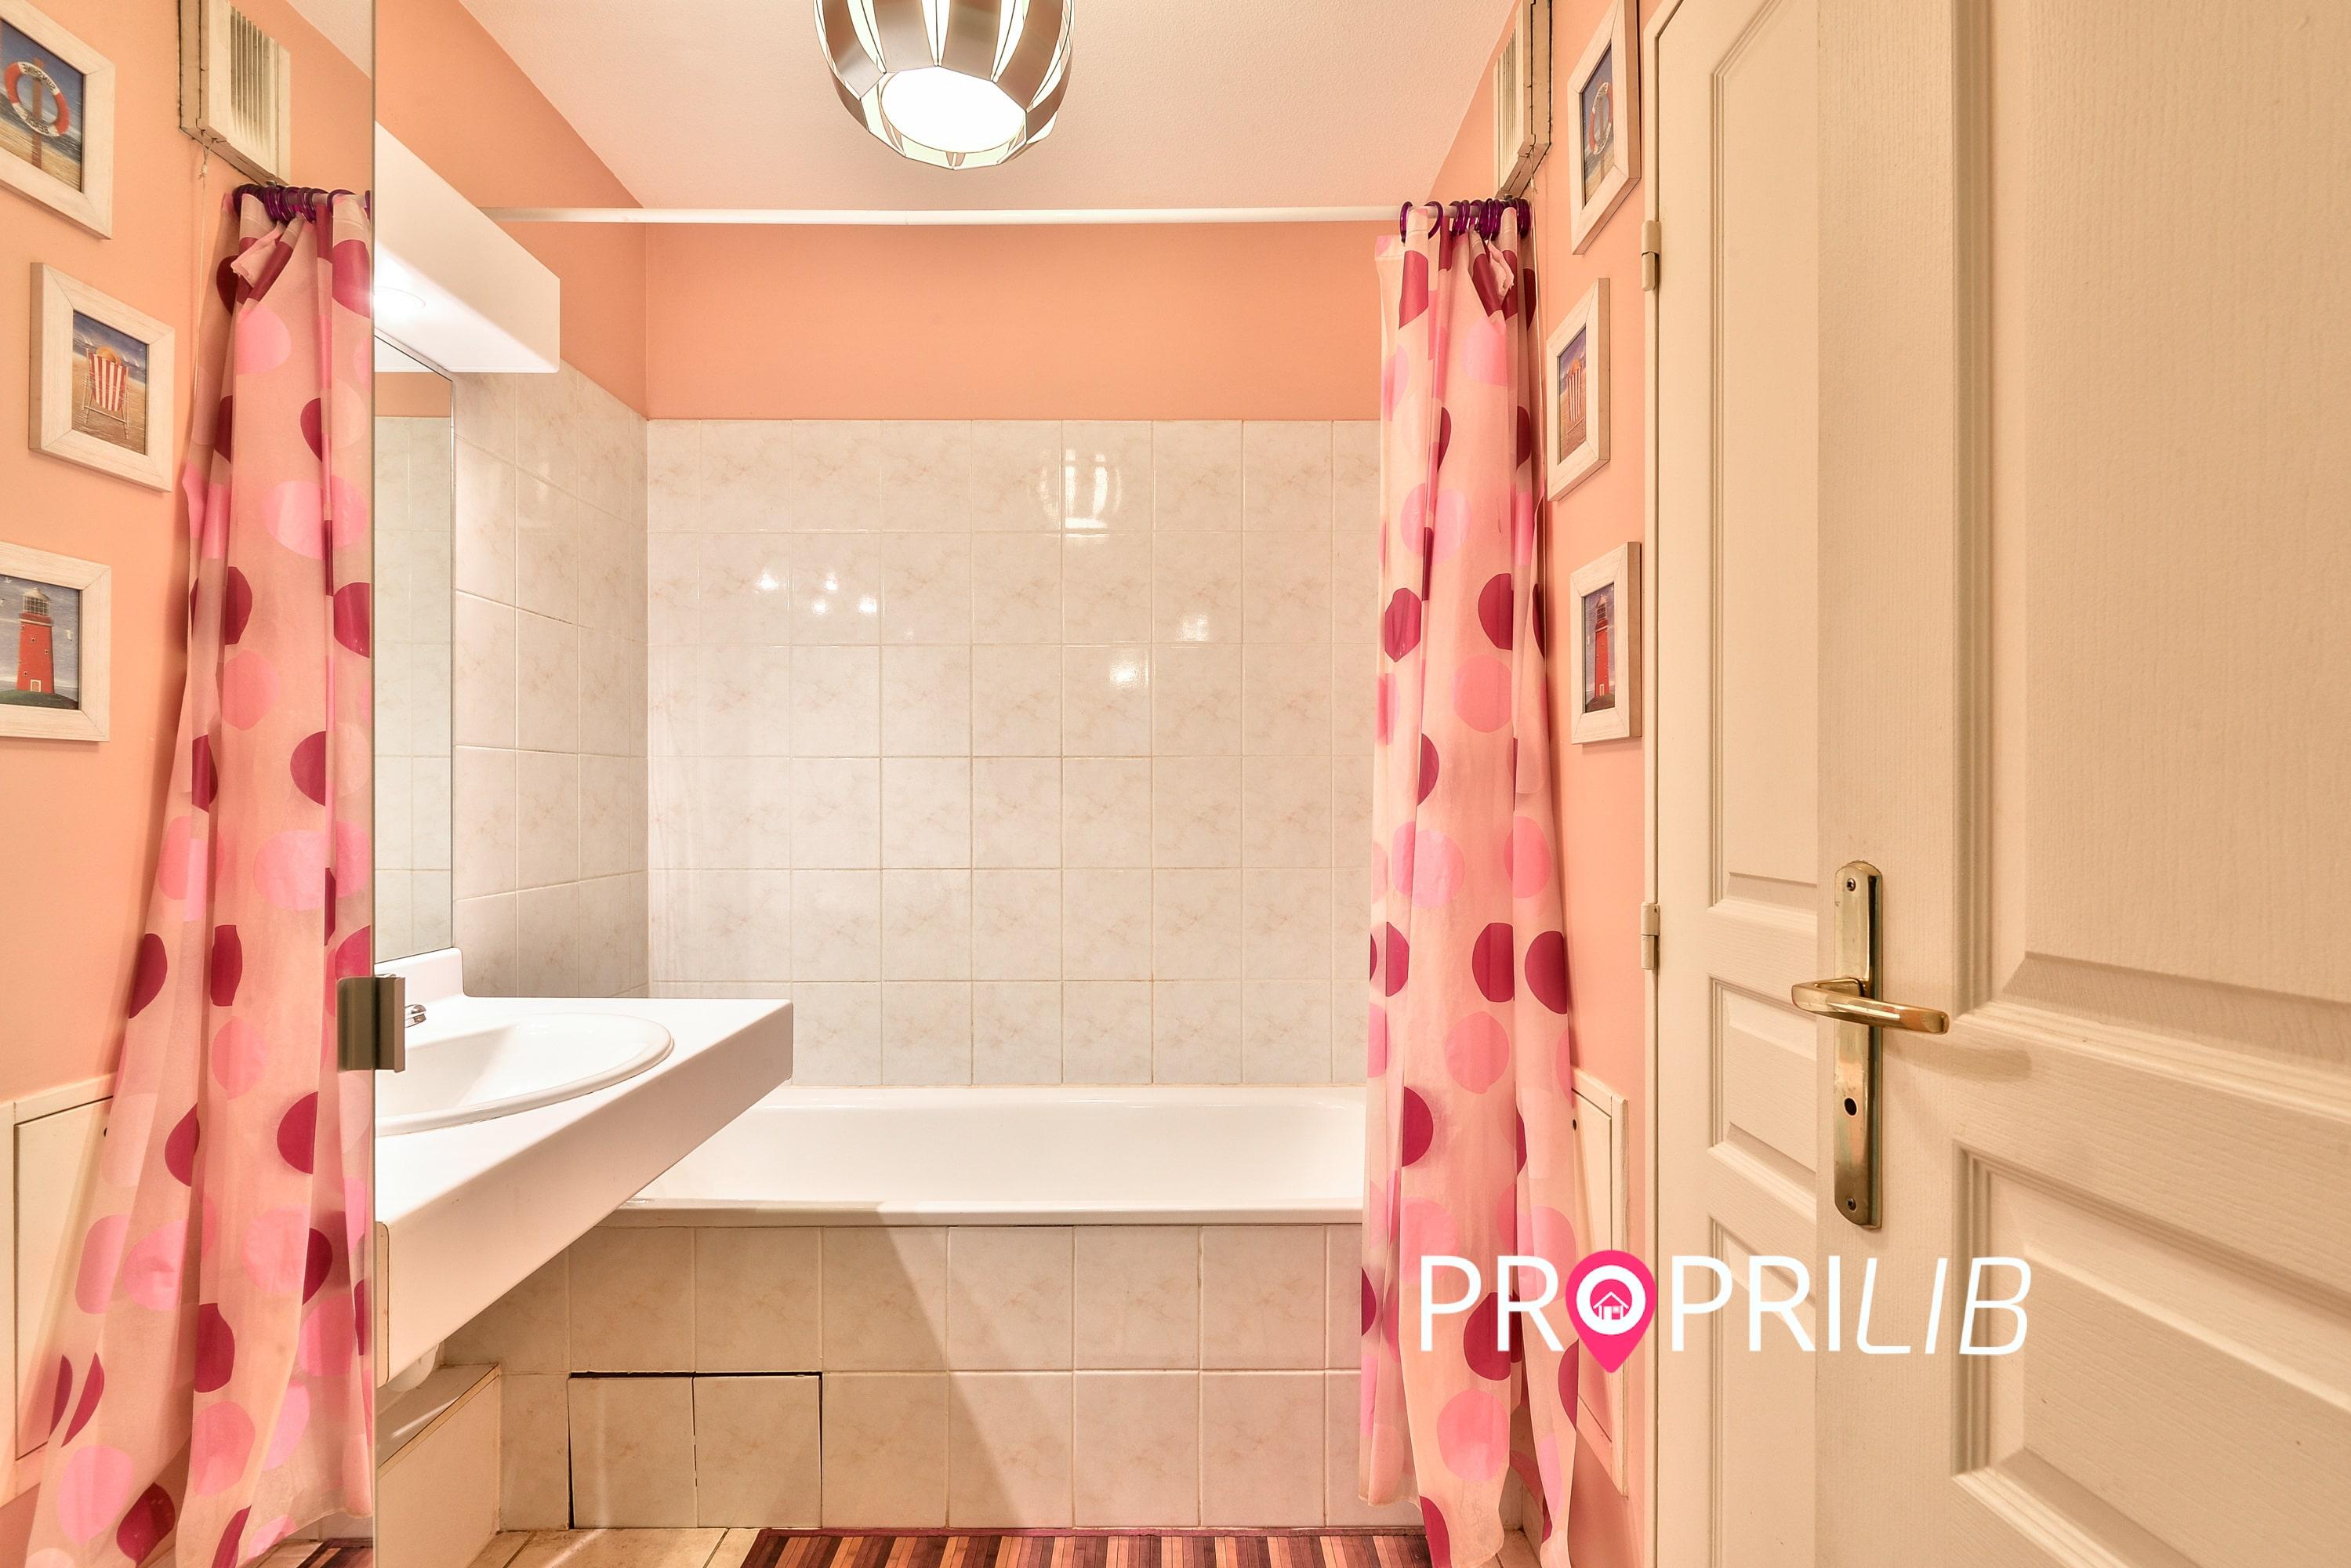 PropriLib l'agence immobilière en ligne à prix fixe vend cet appartement à Villeurbanne